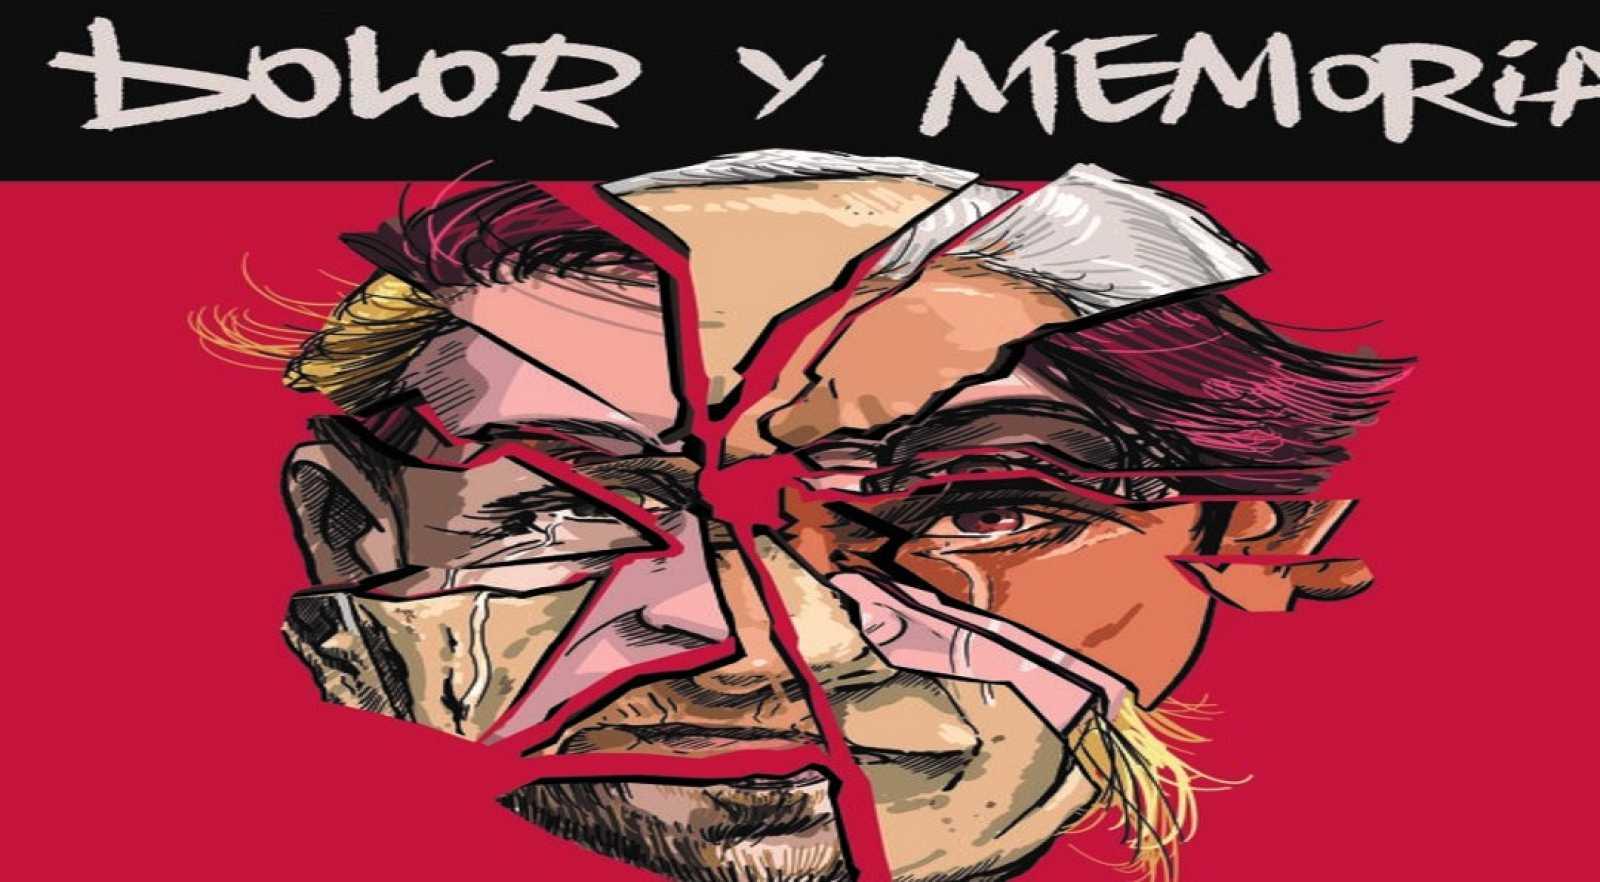 Viñetas y bocadillos - Aurora Cuadrado y Daniel Rodríguez 'Dolor y memoria' - 08/03/21 - Escuchar ahora